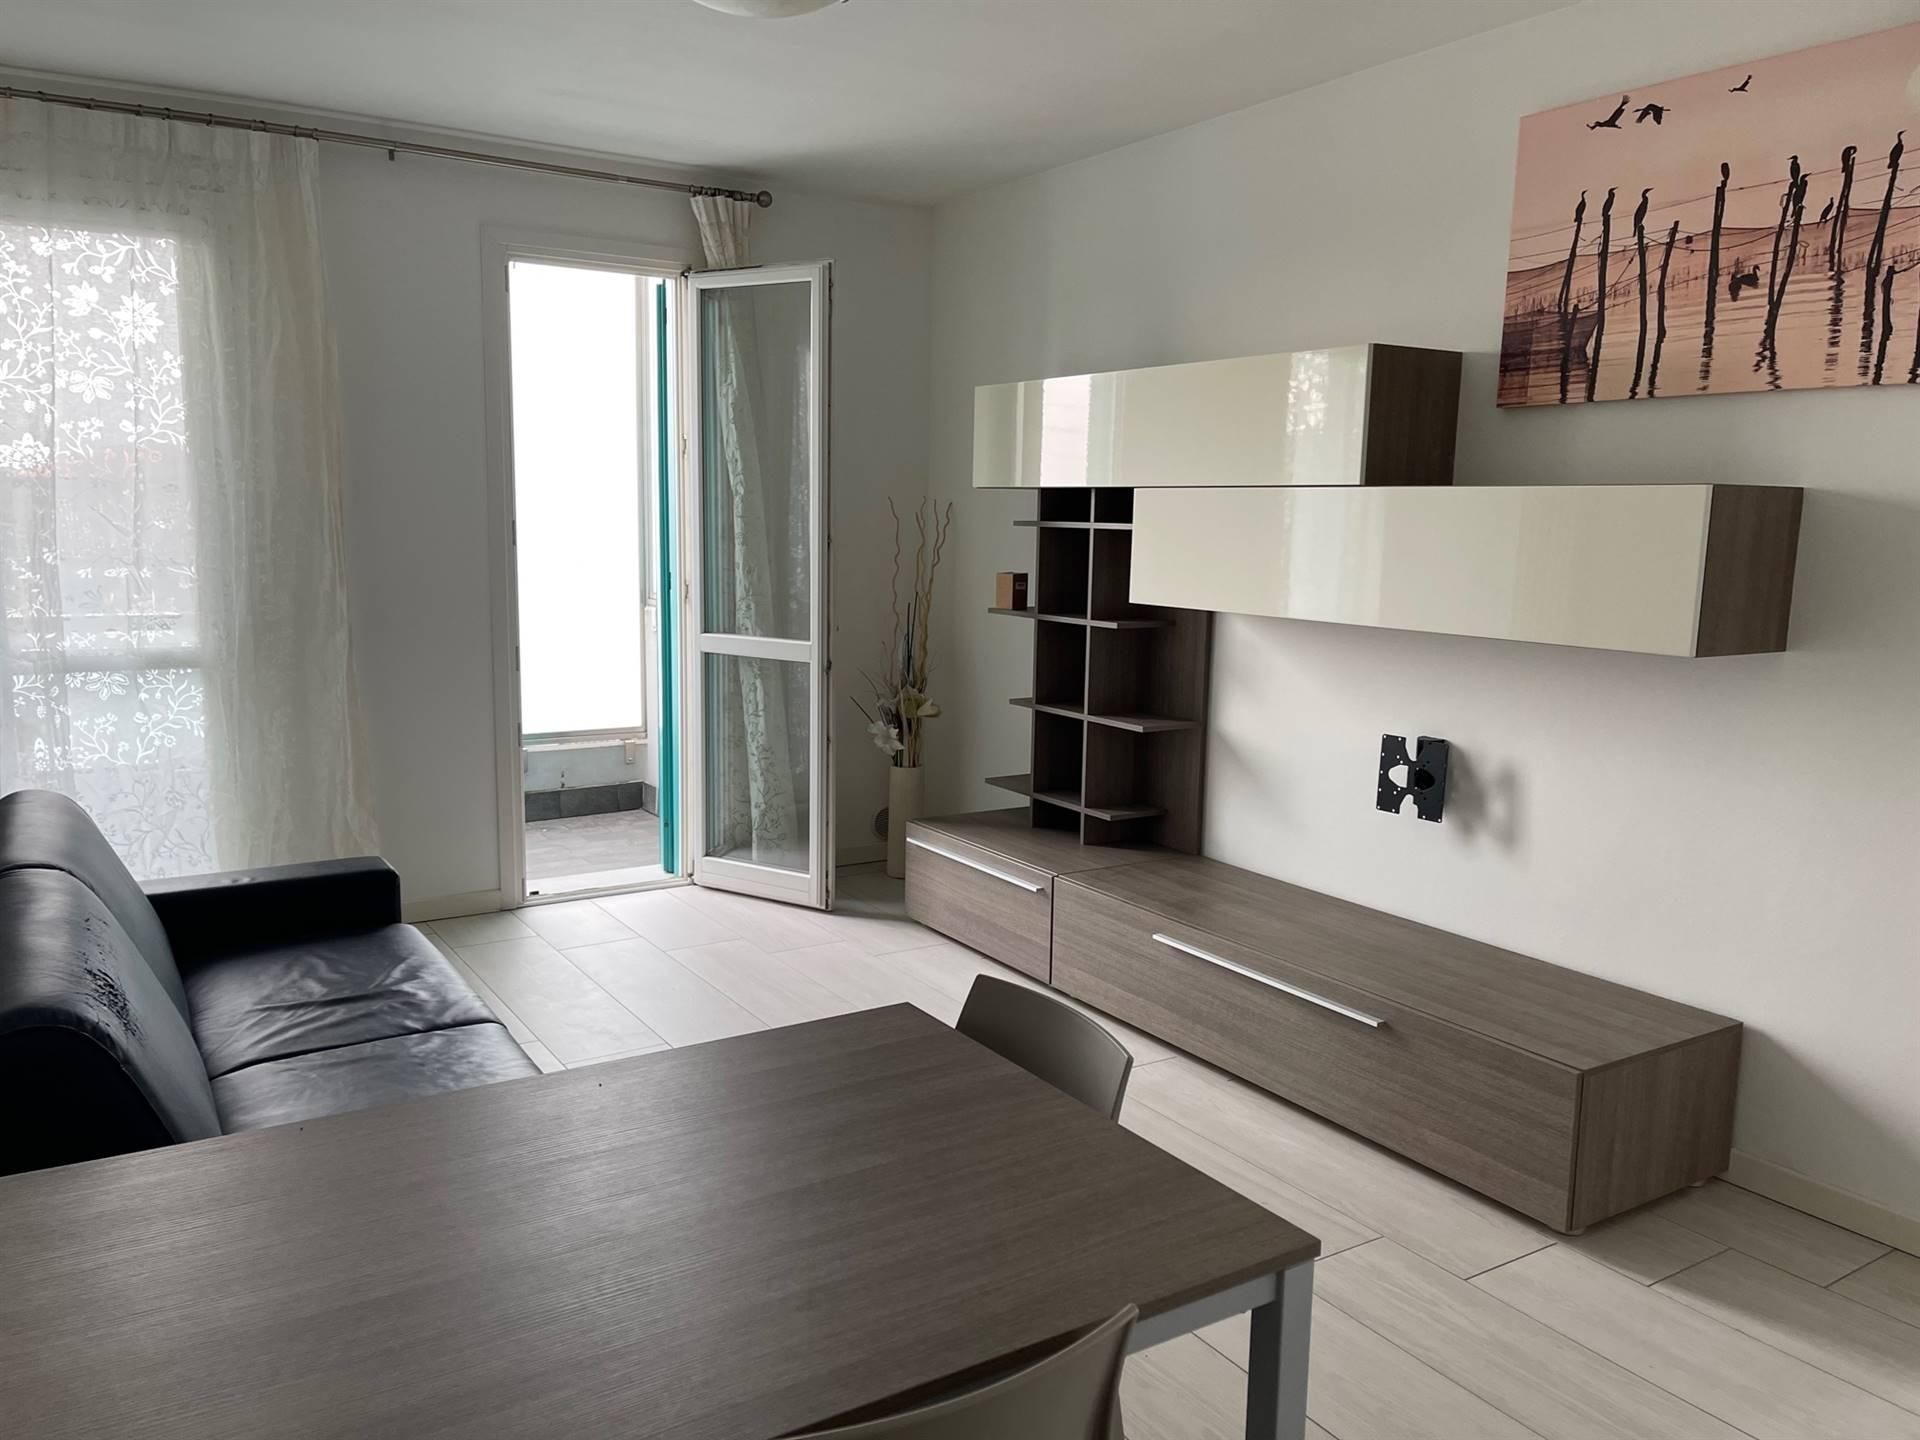 zona giorno appartamento Mestre rif. 160 V 21